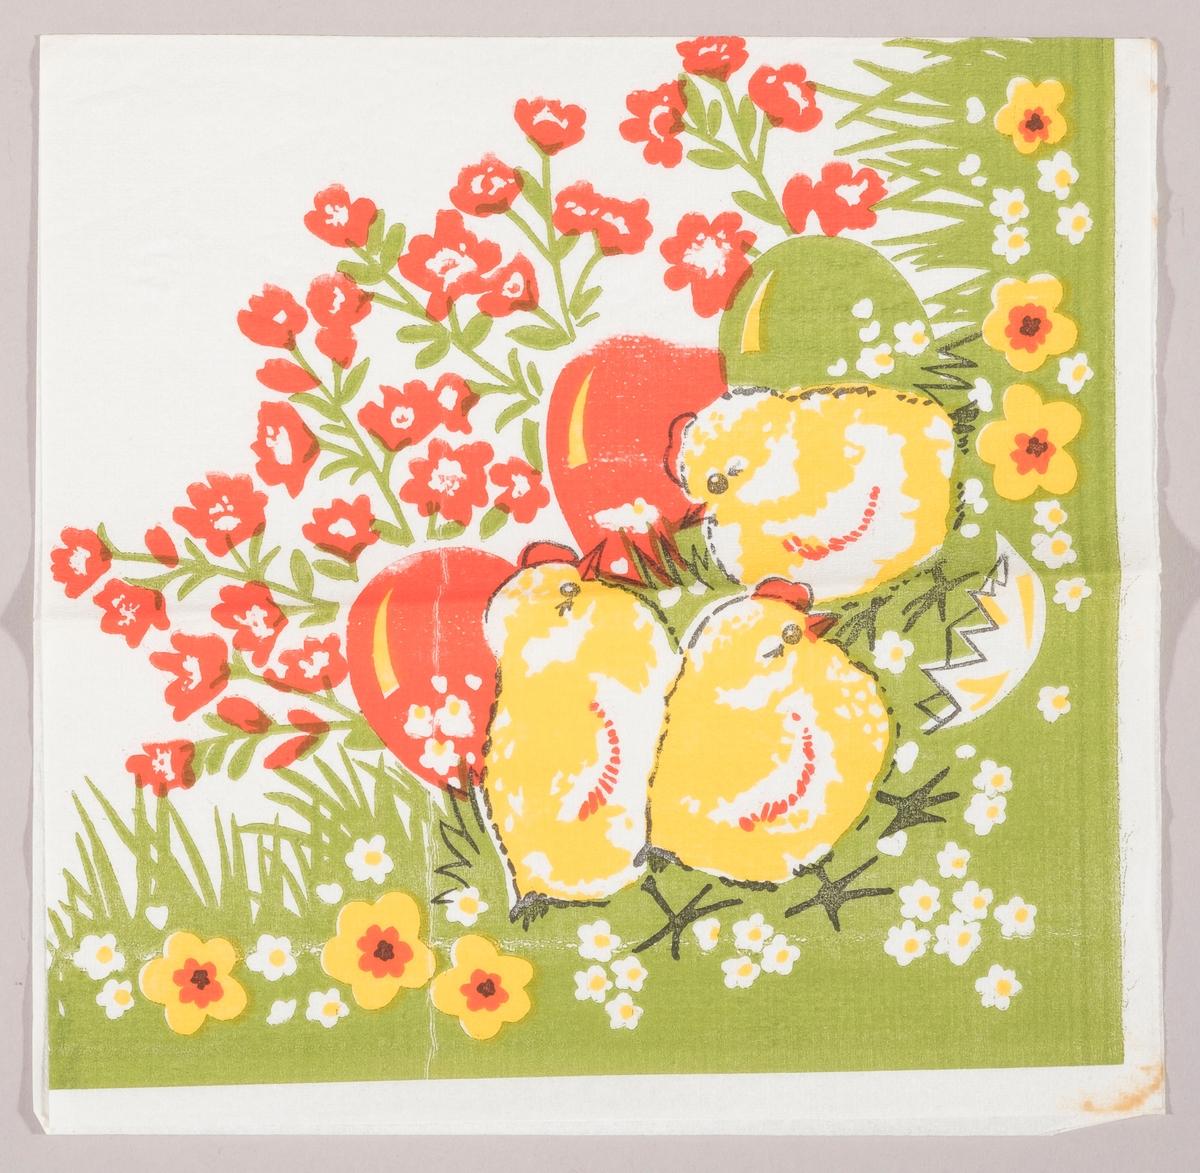 Tre kyllinger i en blomstereng med kulørte påskeegg og et skall fra et egg. Grønt gress med røde, hvite og gule blomster.